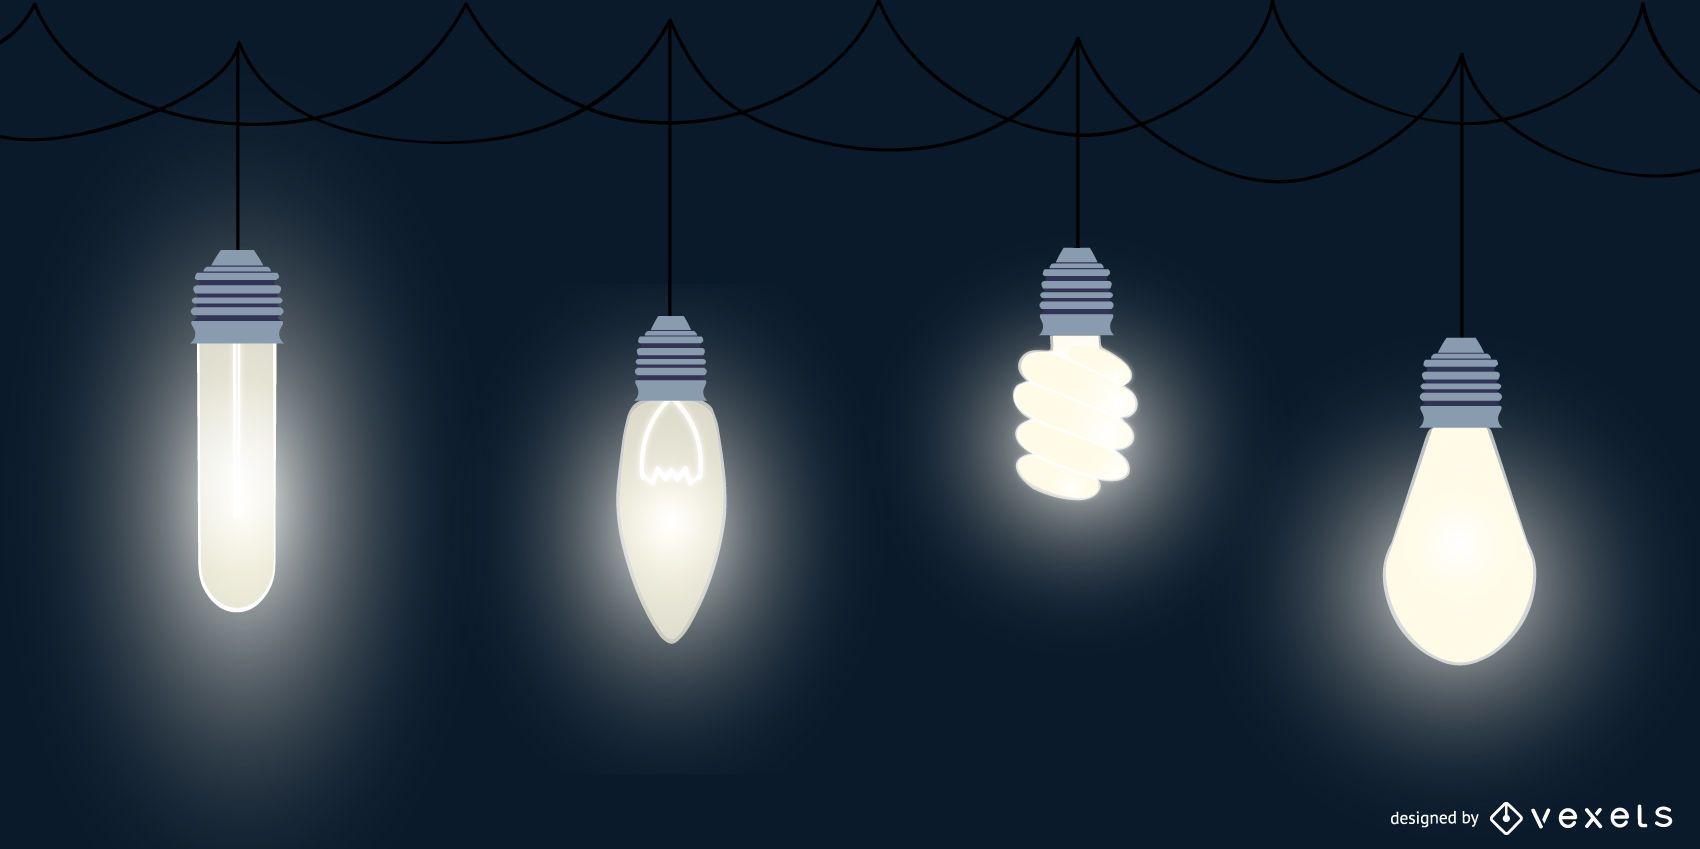 Lit Lightbulb Design Pack